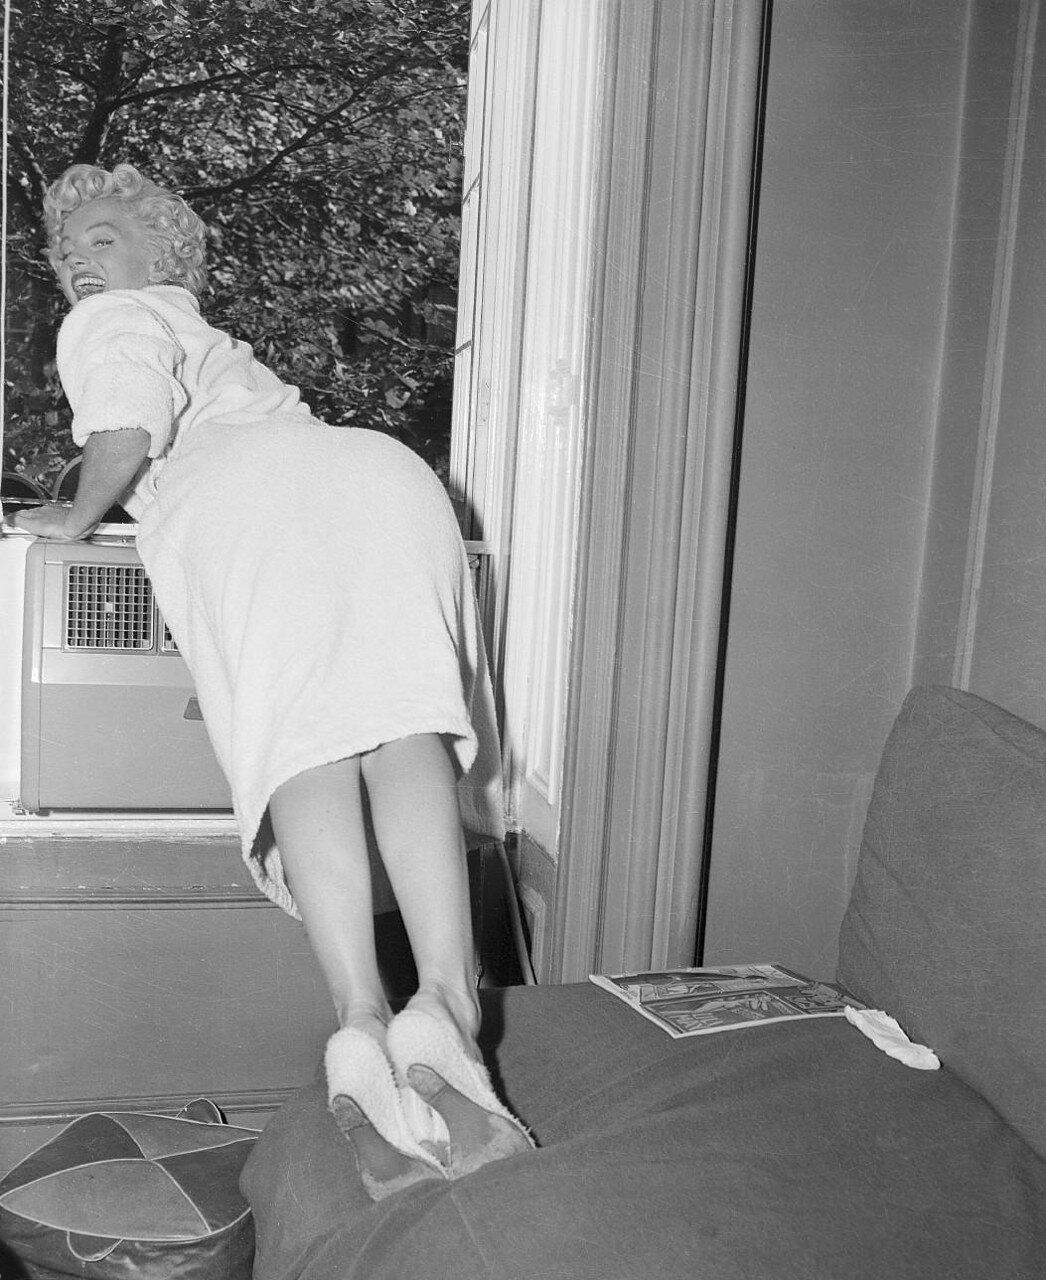 Mariyln Monroe Leaning on Window Sill